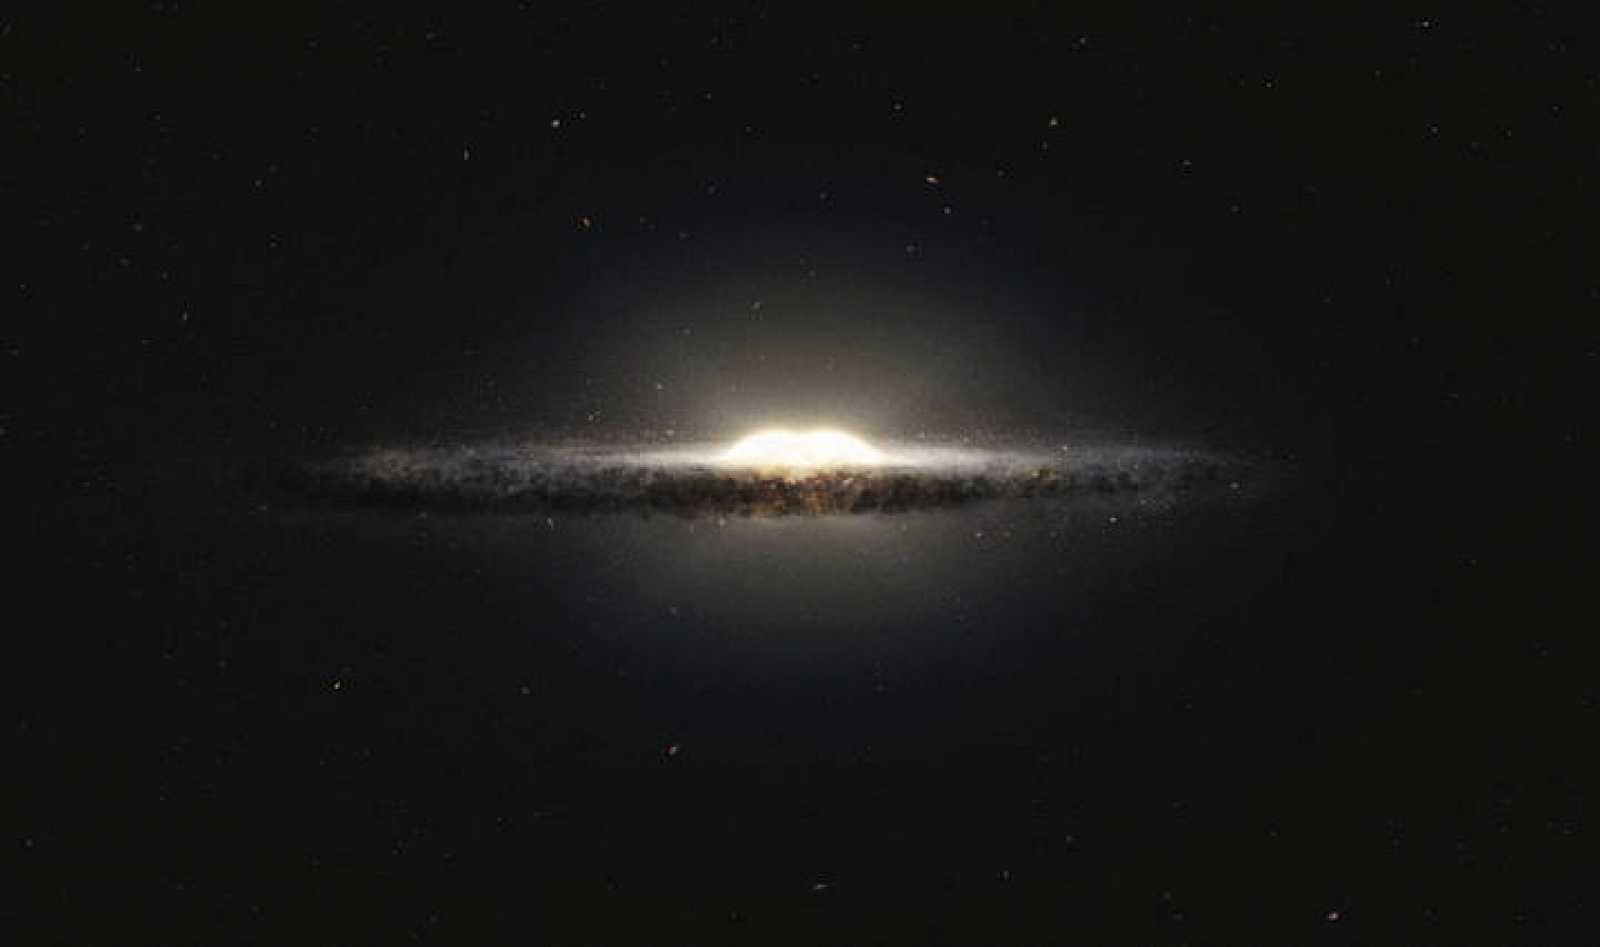 Un nuevo mapa de la Vía Láctea revela una enorme ola de formaciones estelares